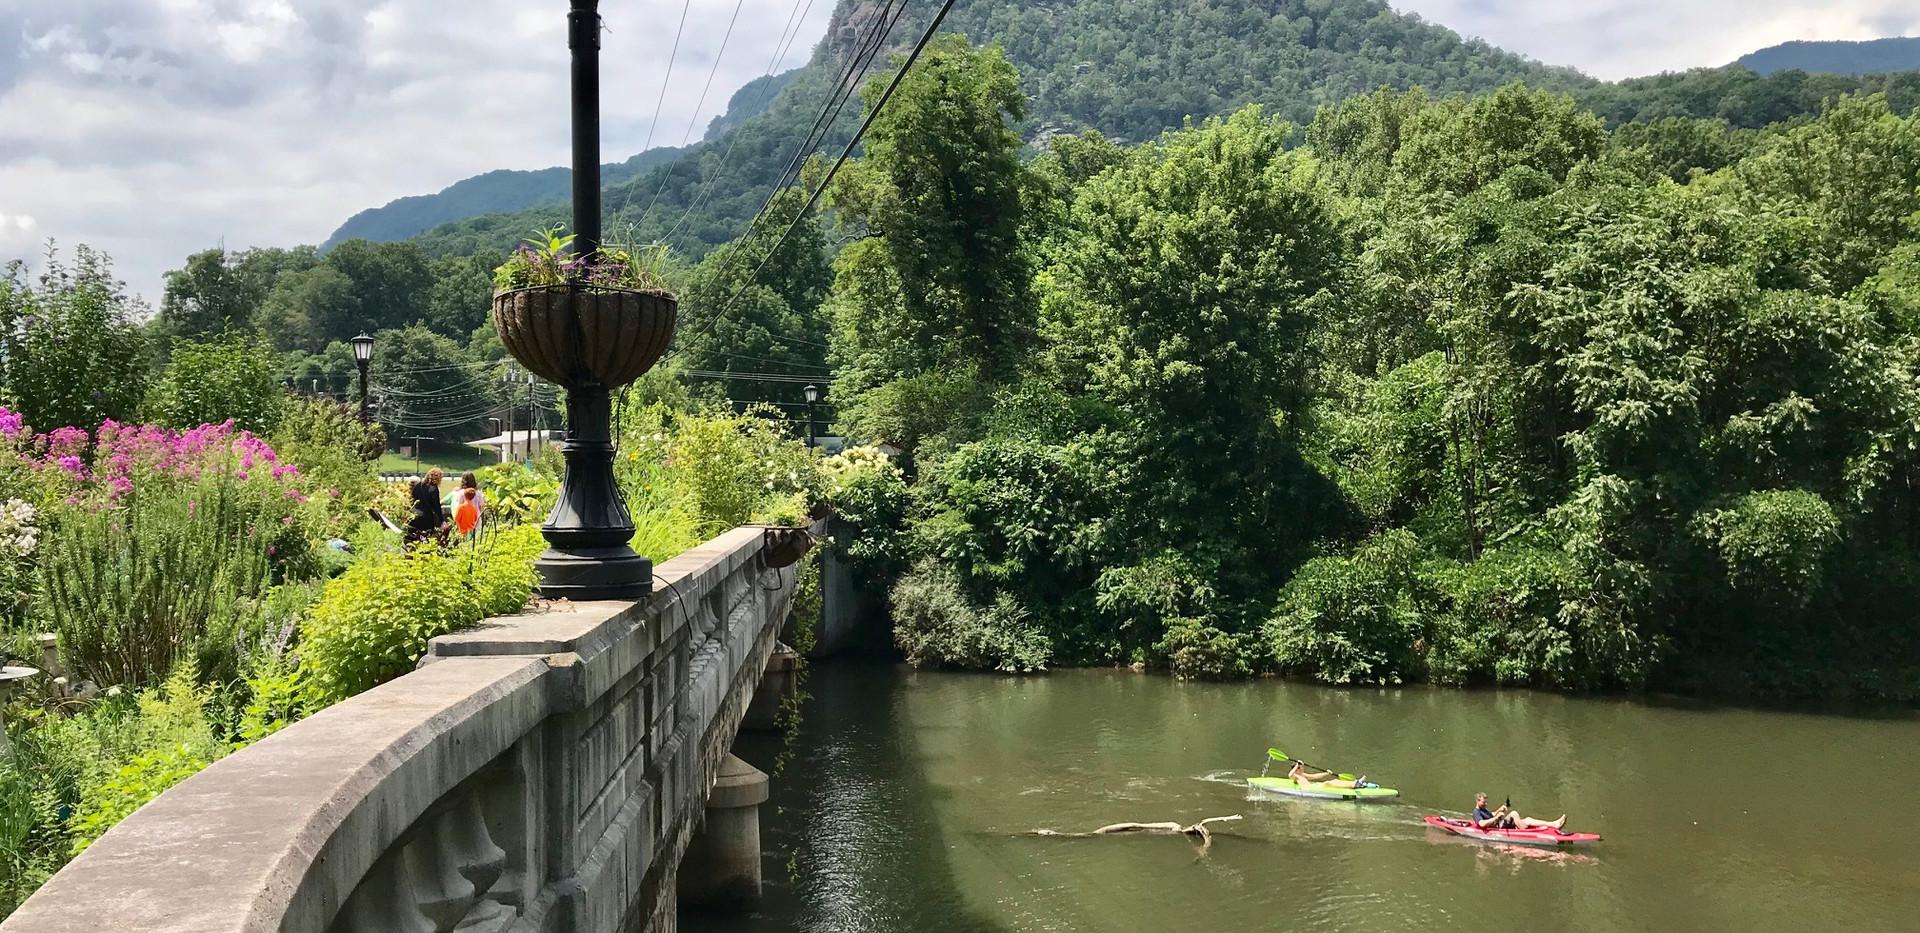 Lake Lure Flowering Bridge